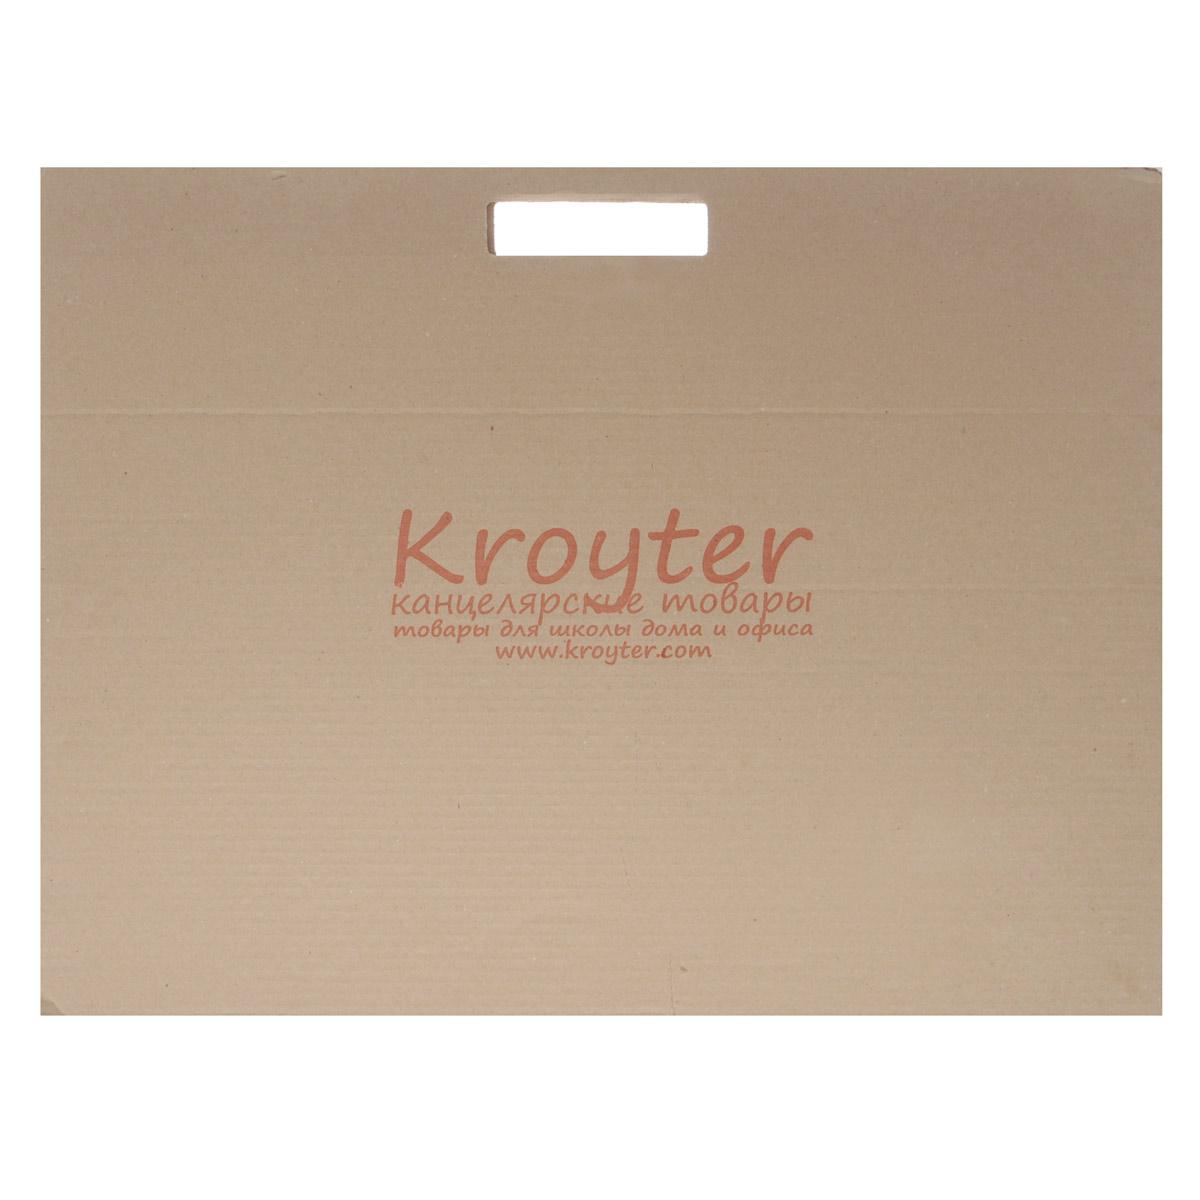 Папка для черчения Kroyter, 10 листов, формат А2 папка для черчения kroyter a2 10 листов 369972